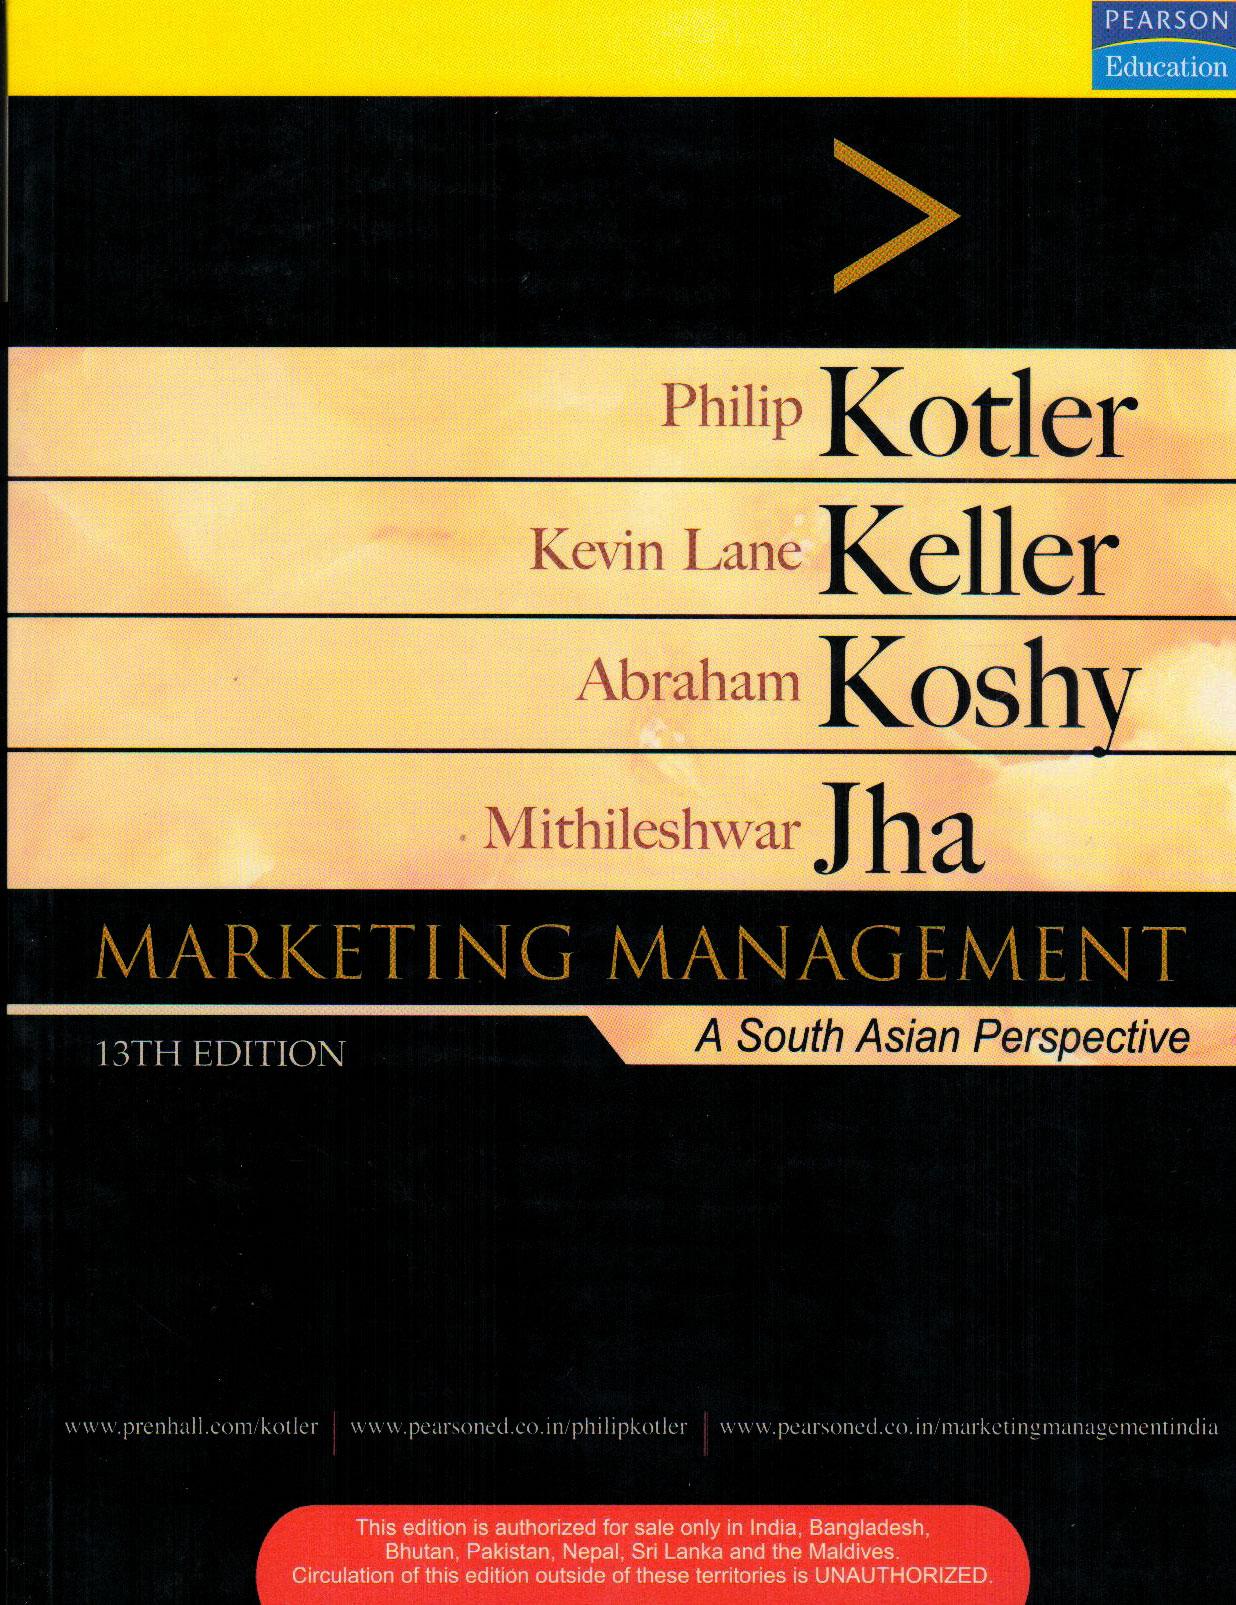 Test Bank for Marketing Management, 15th Edition by Philip Kotler, Kevin Lane Keller